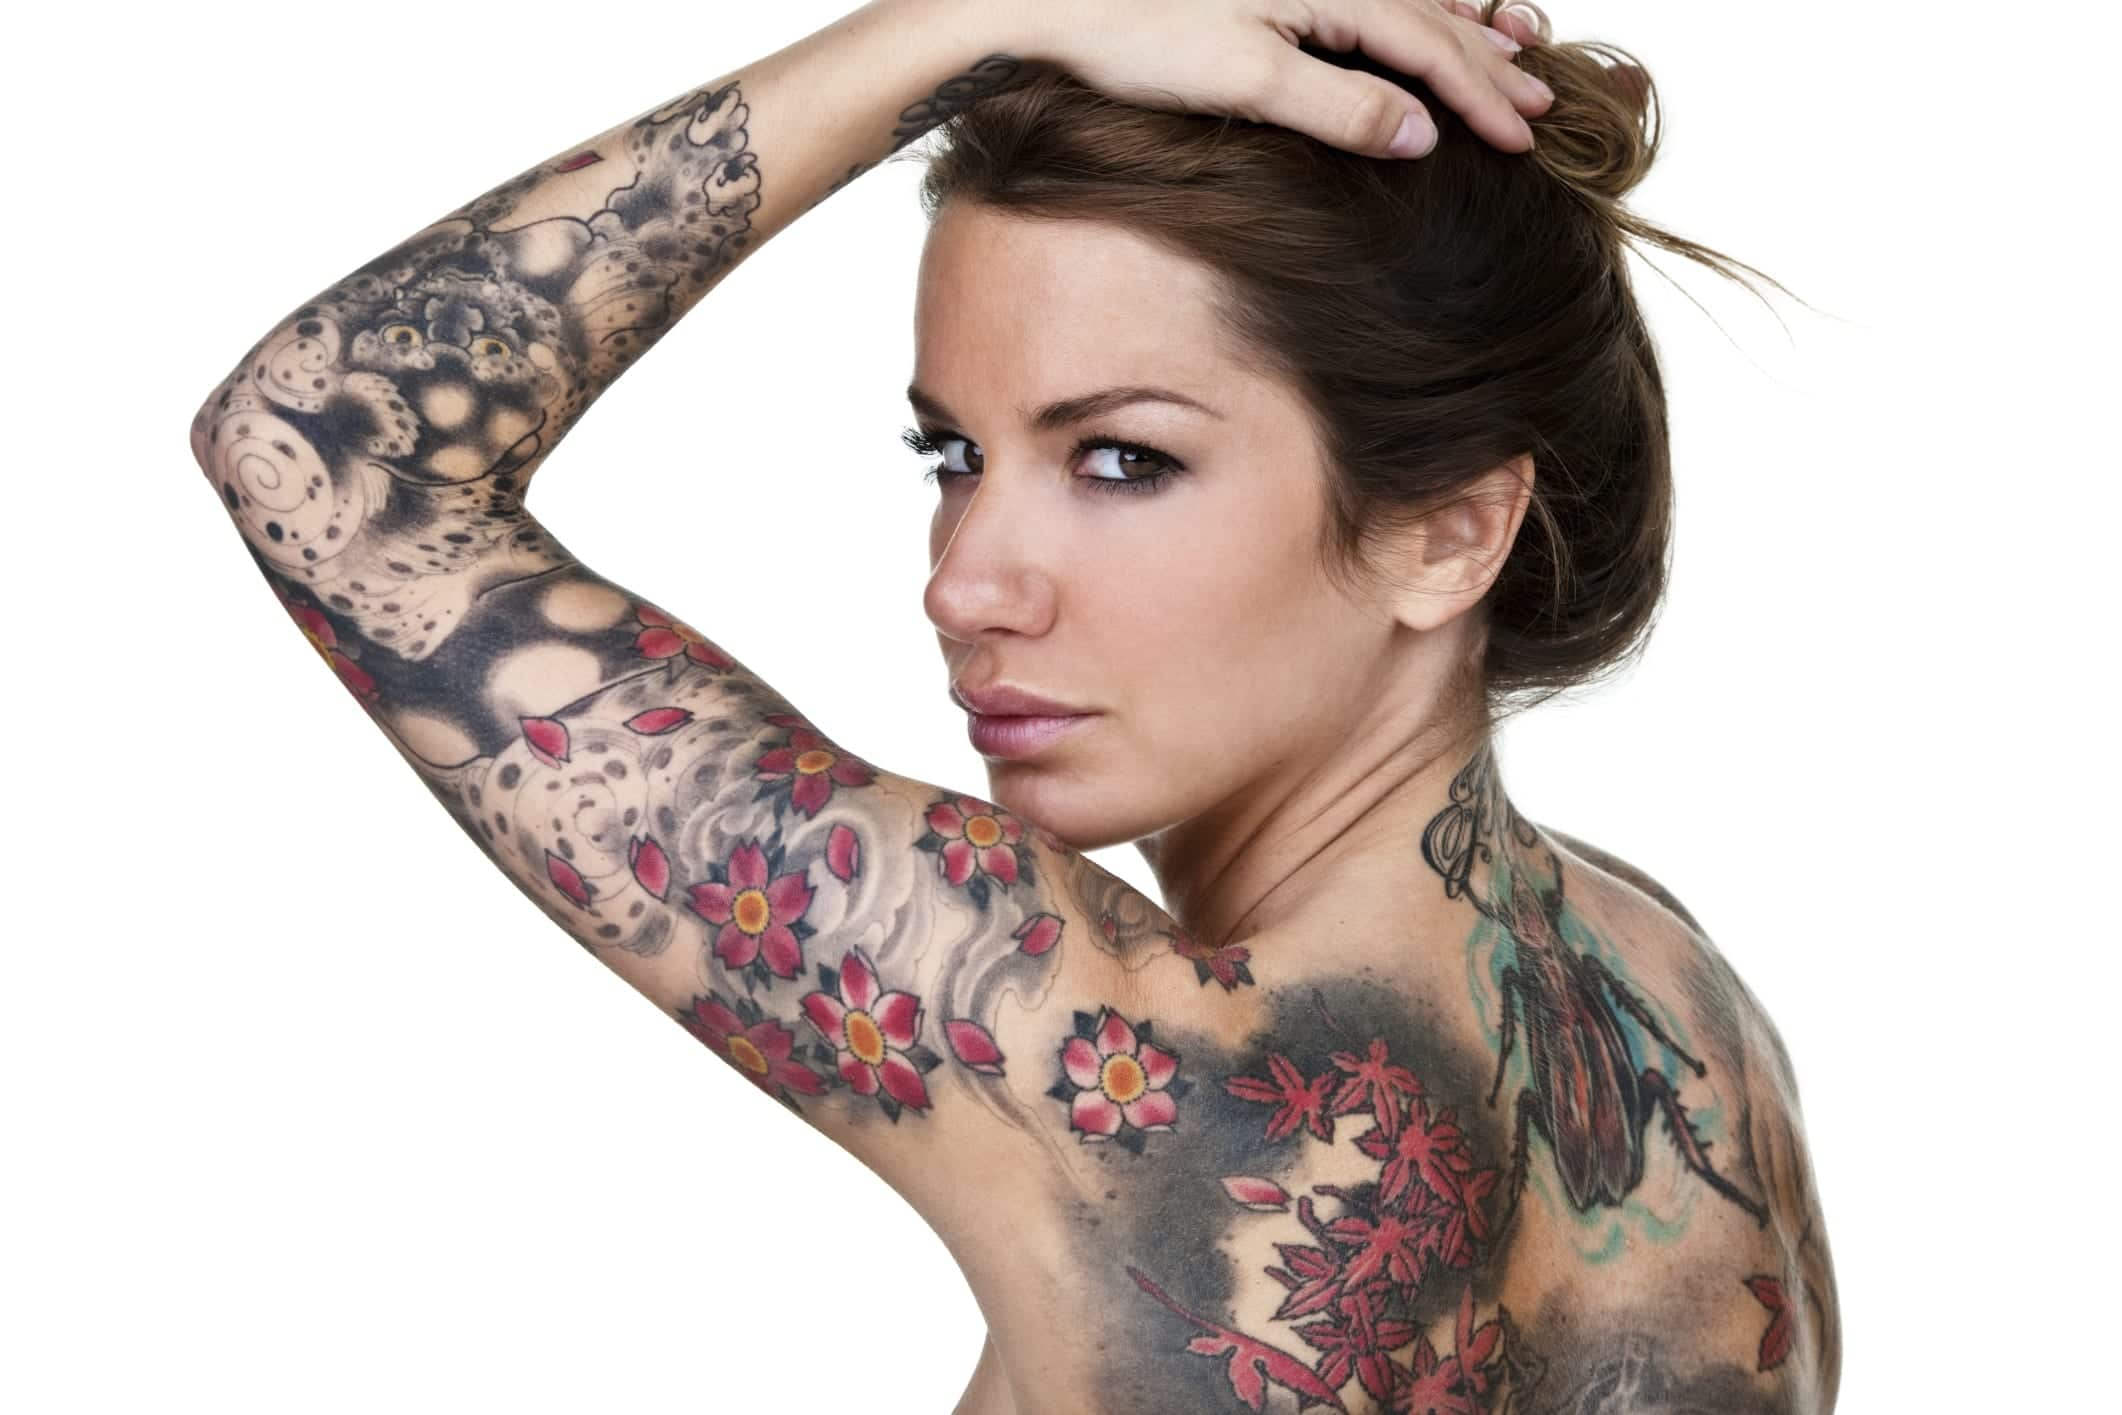 tapar tatuajes